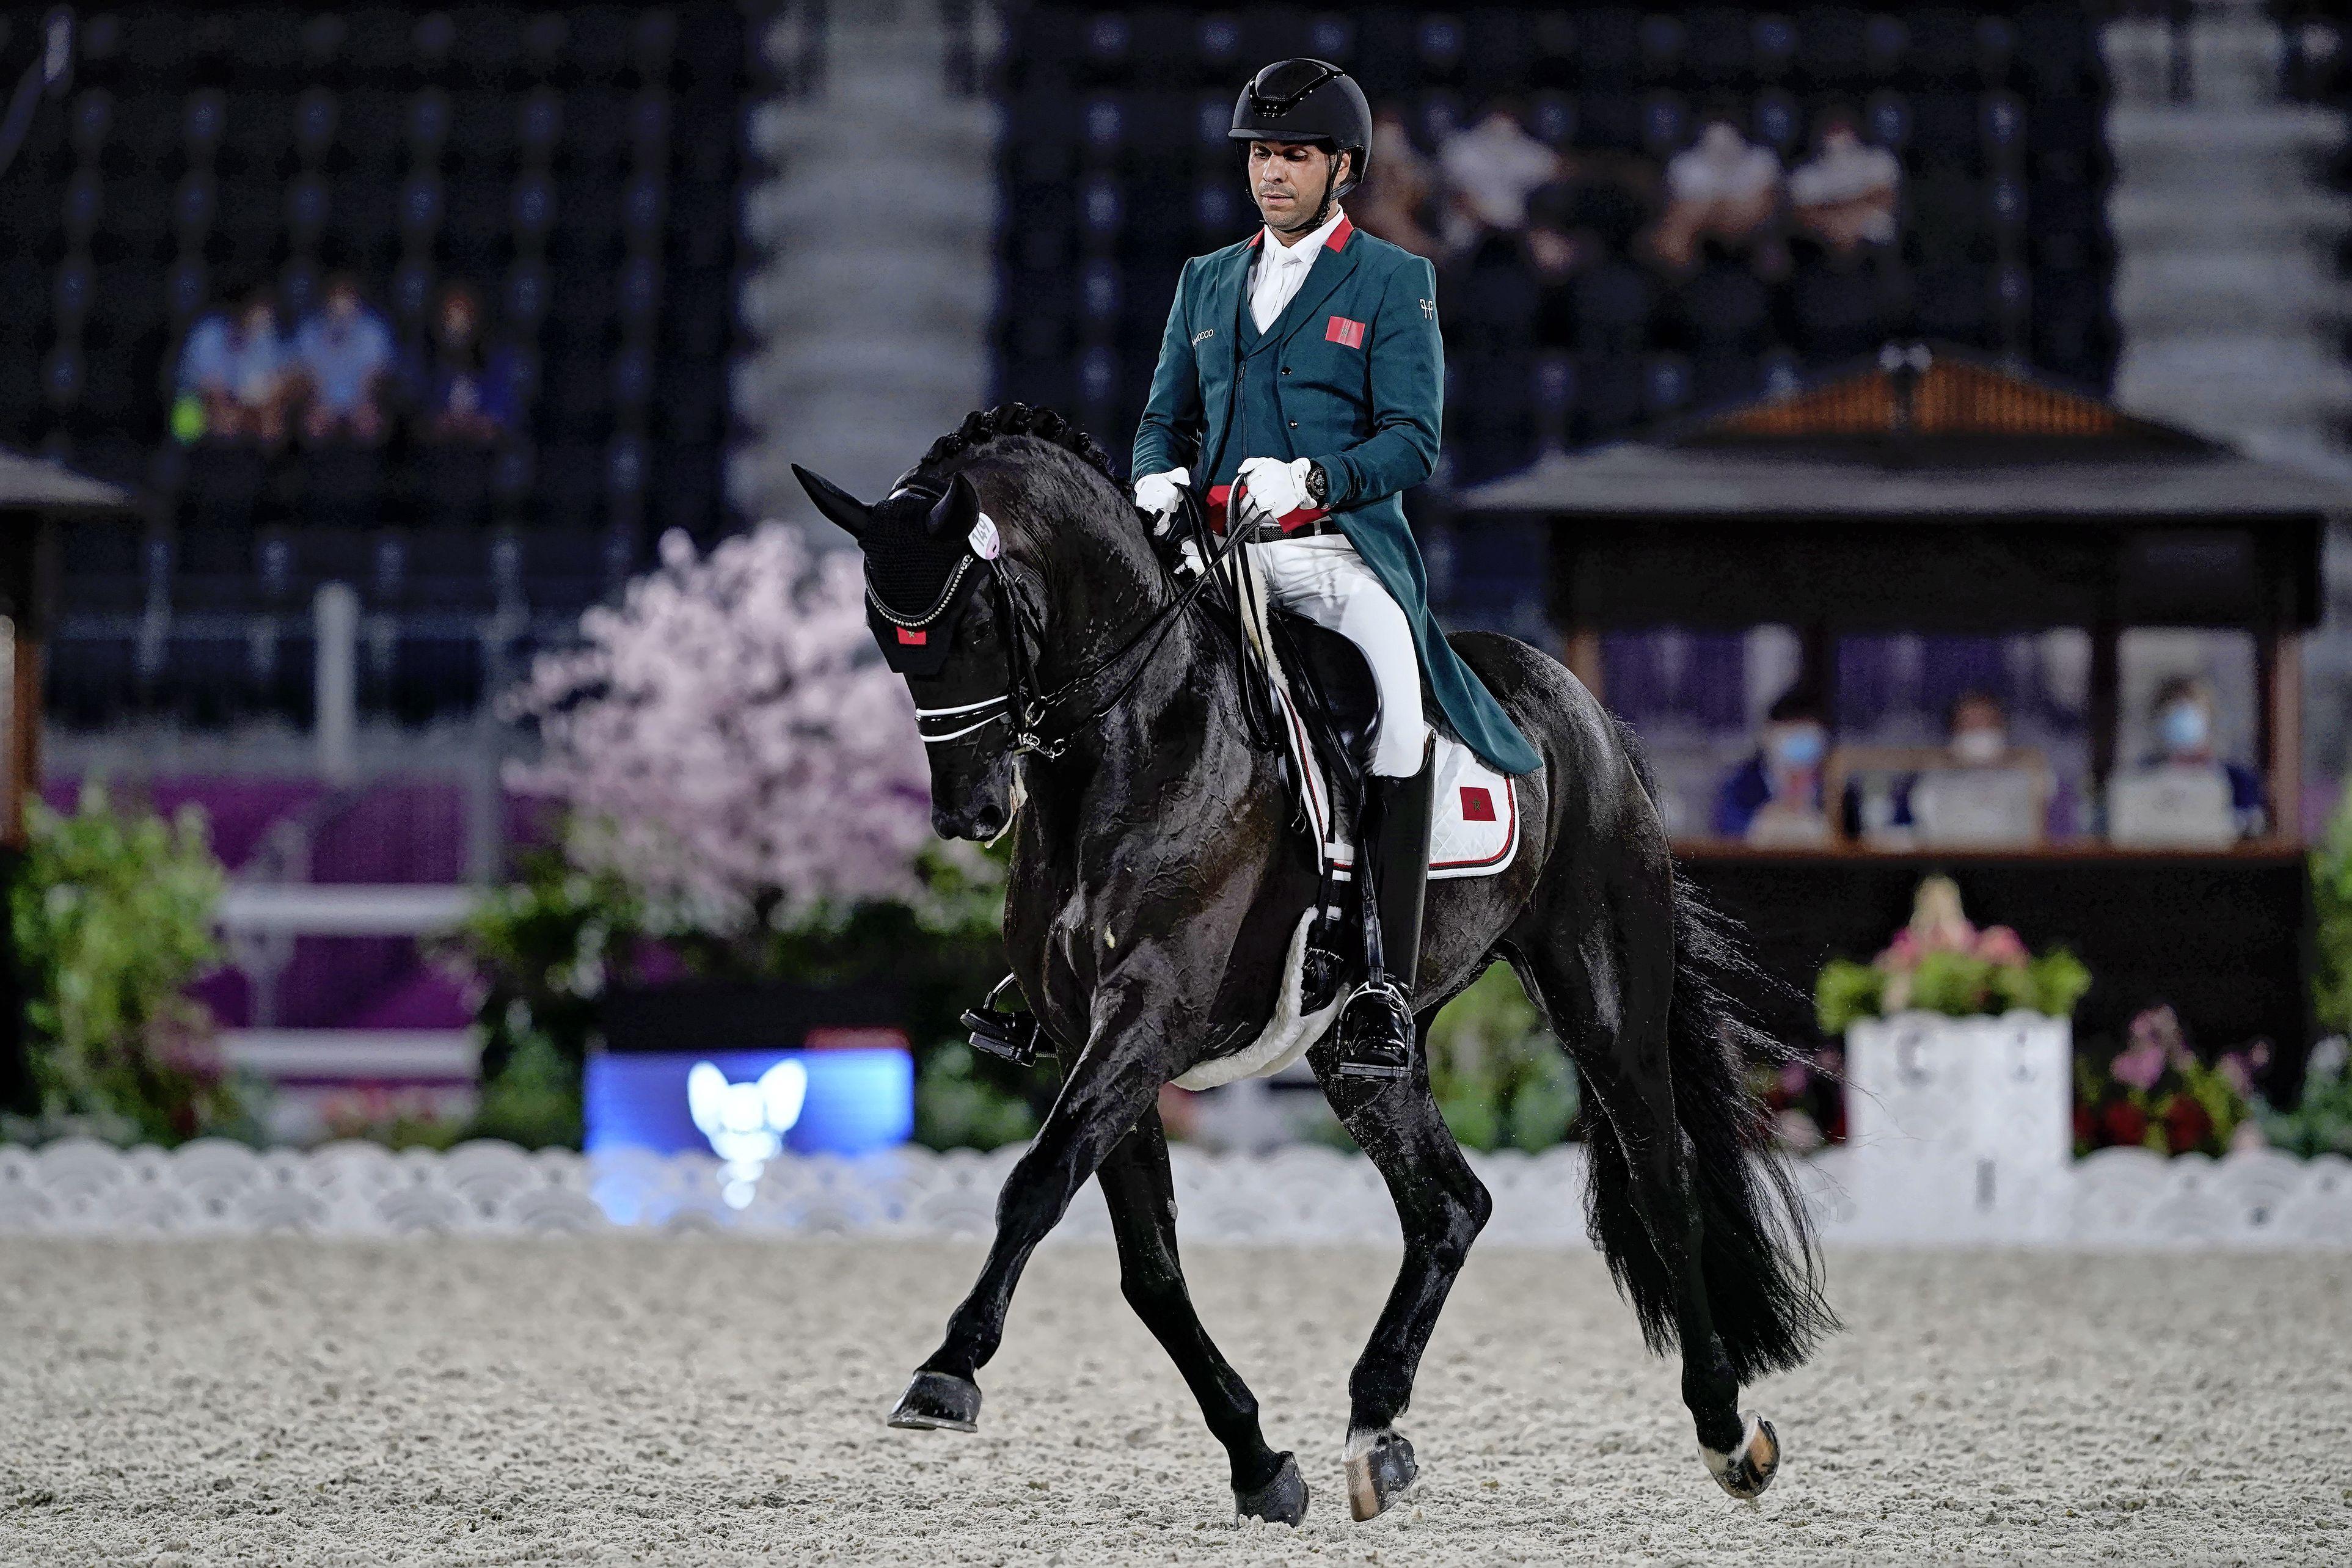 Het olympische sprookje van Yessin Rahmouni, de Haarlemse dressuurruiter die namens Marokko de droom van zijn vader waarmaakte